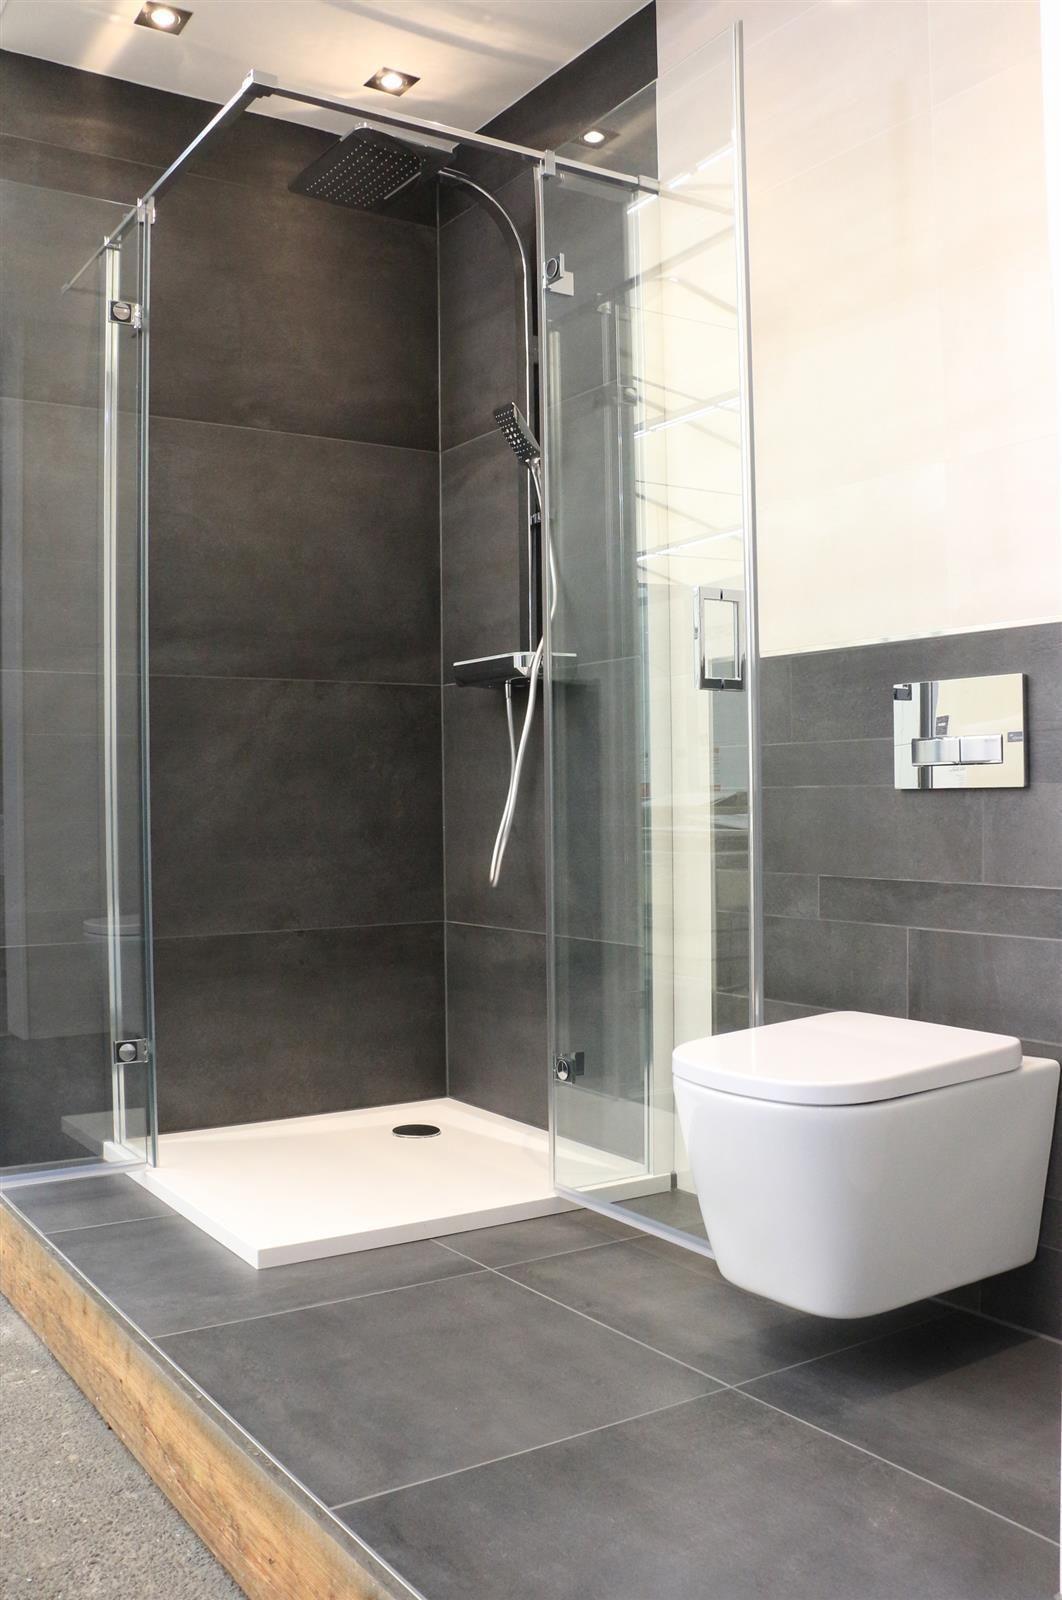 Ein Badezimmer Gebaut Von Den Fliesenlegern Von Frankeraumwert